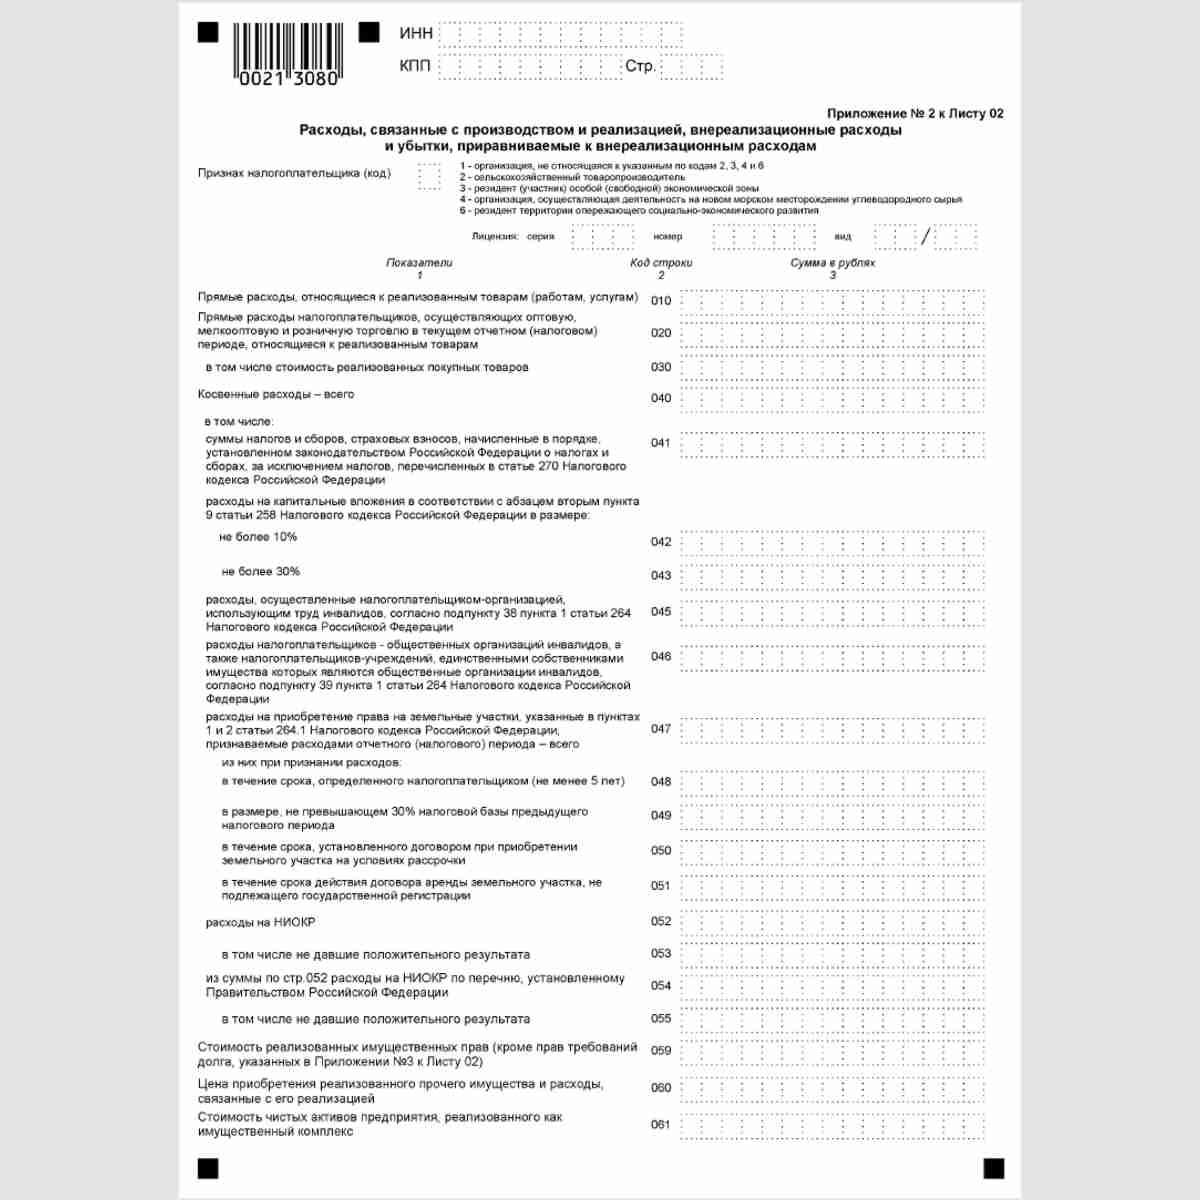 """Форма КНД 1151006 """"Налоговая декларация по налогу на прибыль организаций"""". Лист 02. Приложение№2 (продолжение)"""